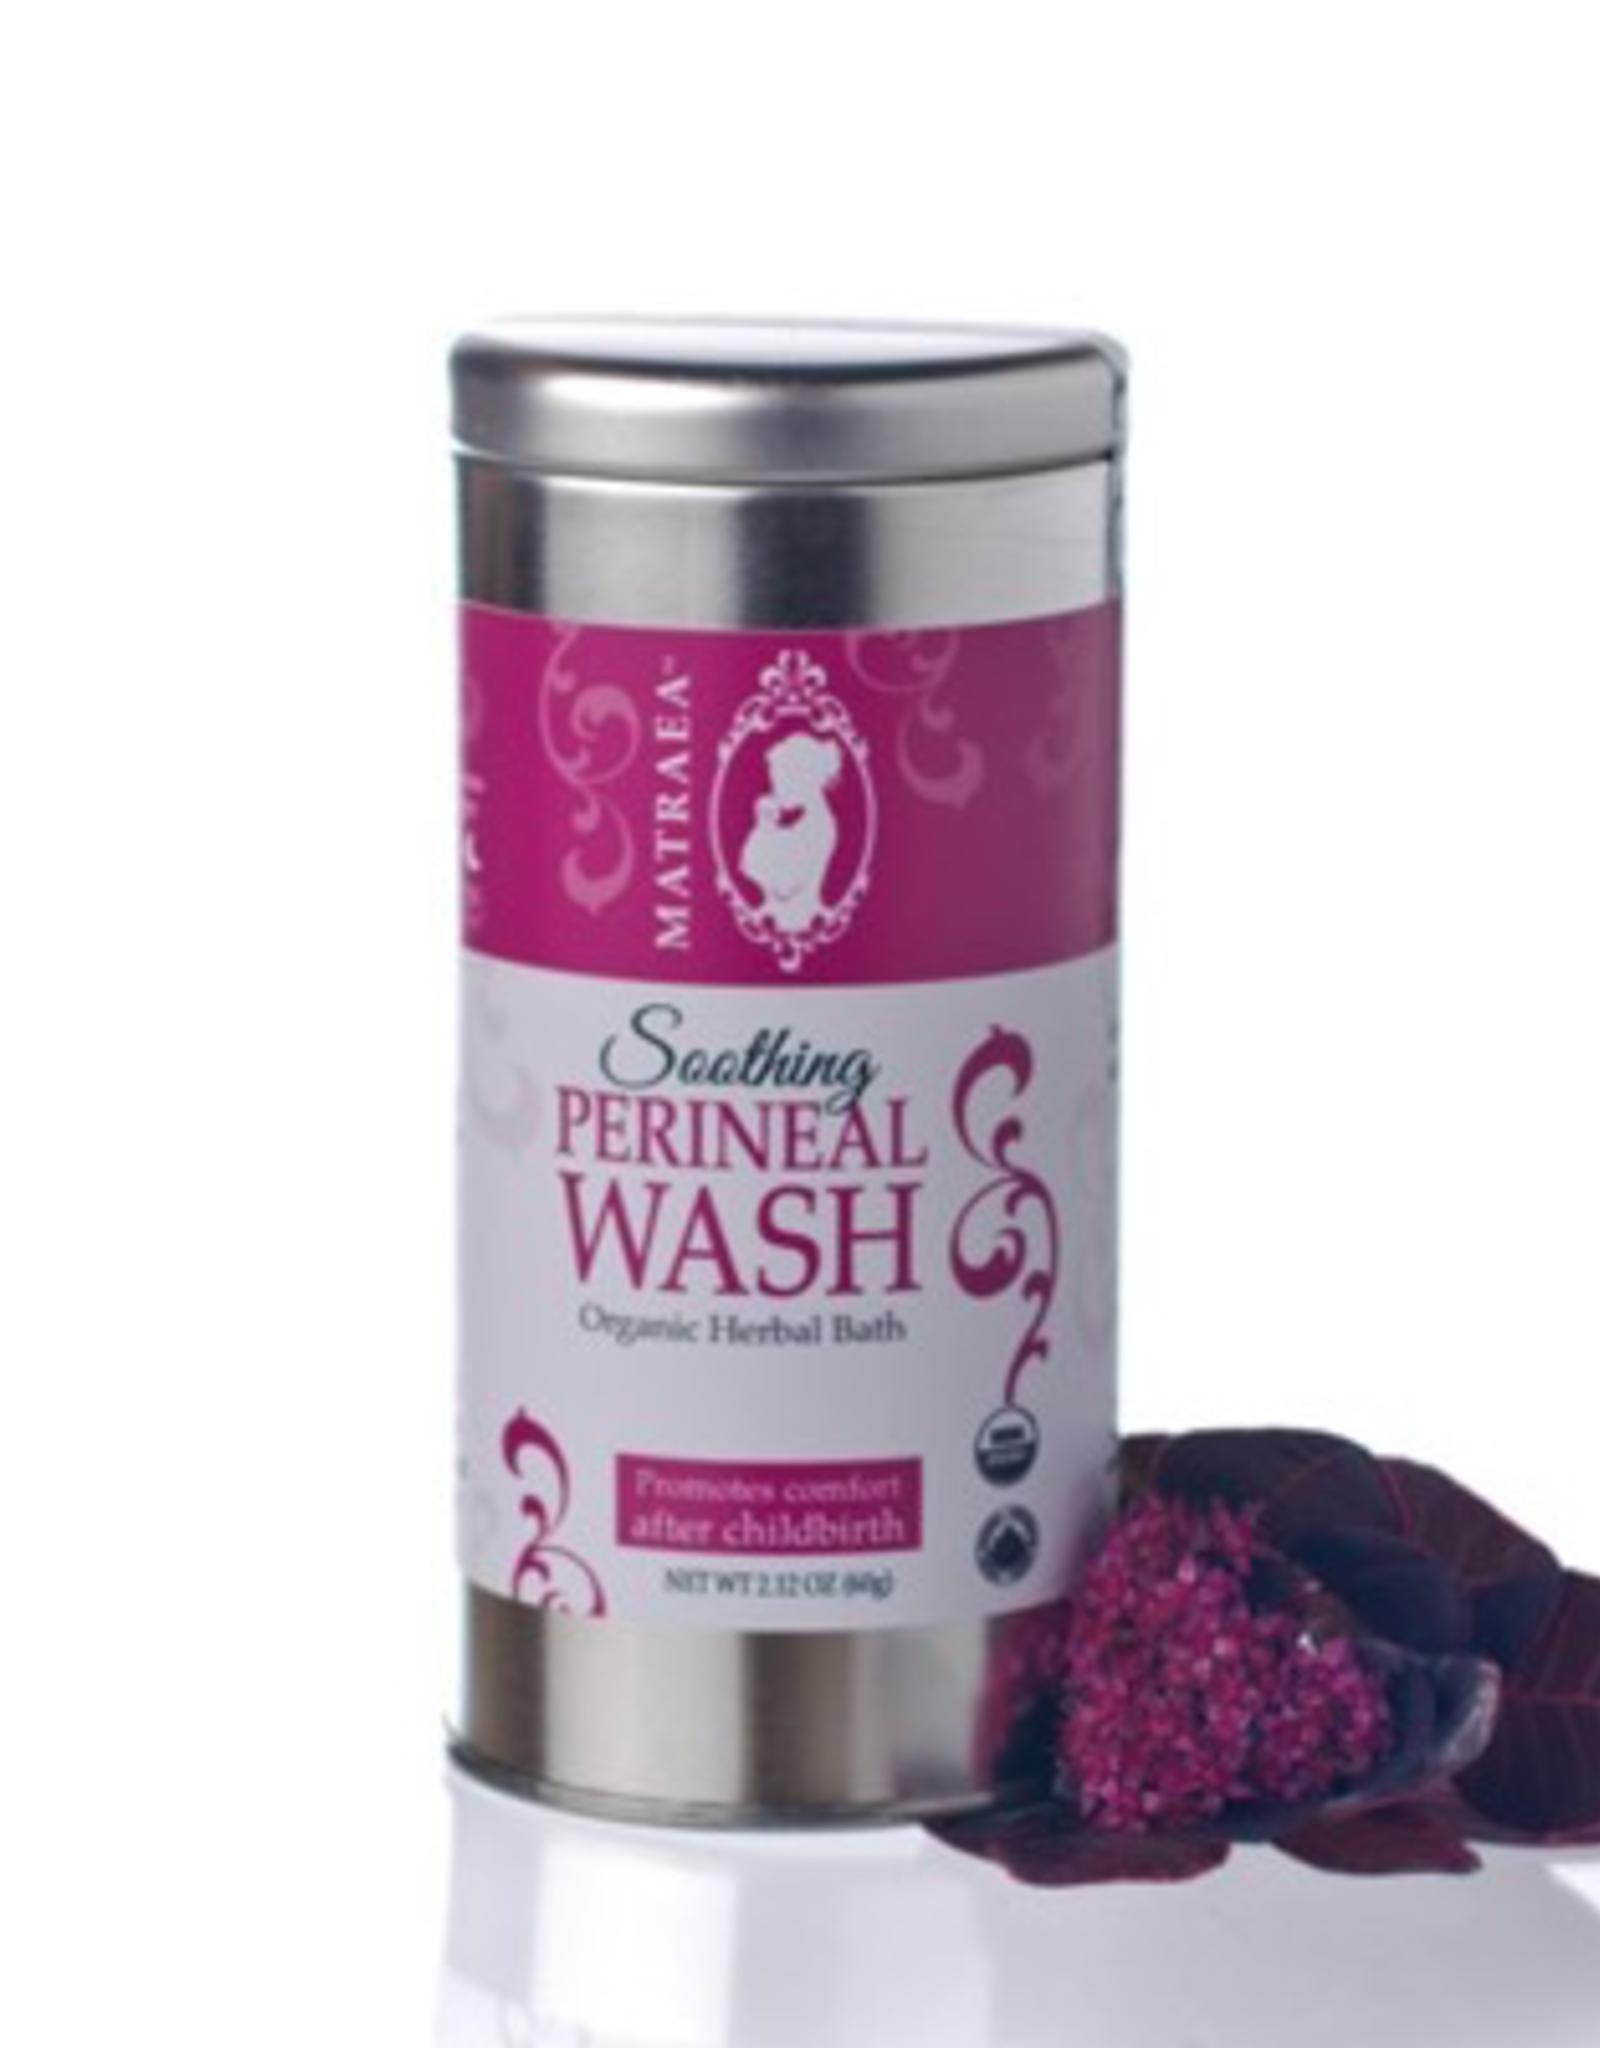 Matraea Soothing Perineal Wash, 60ml